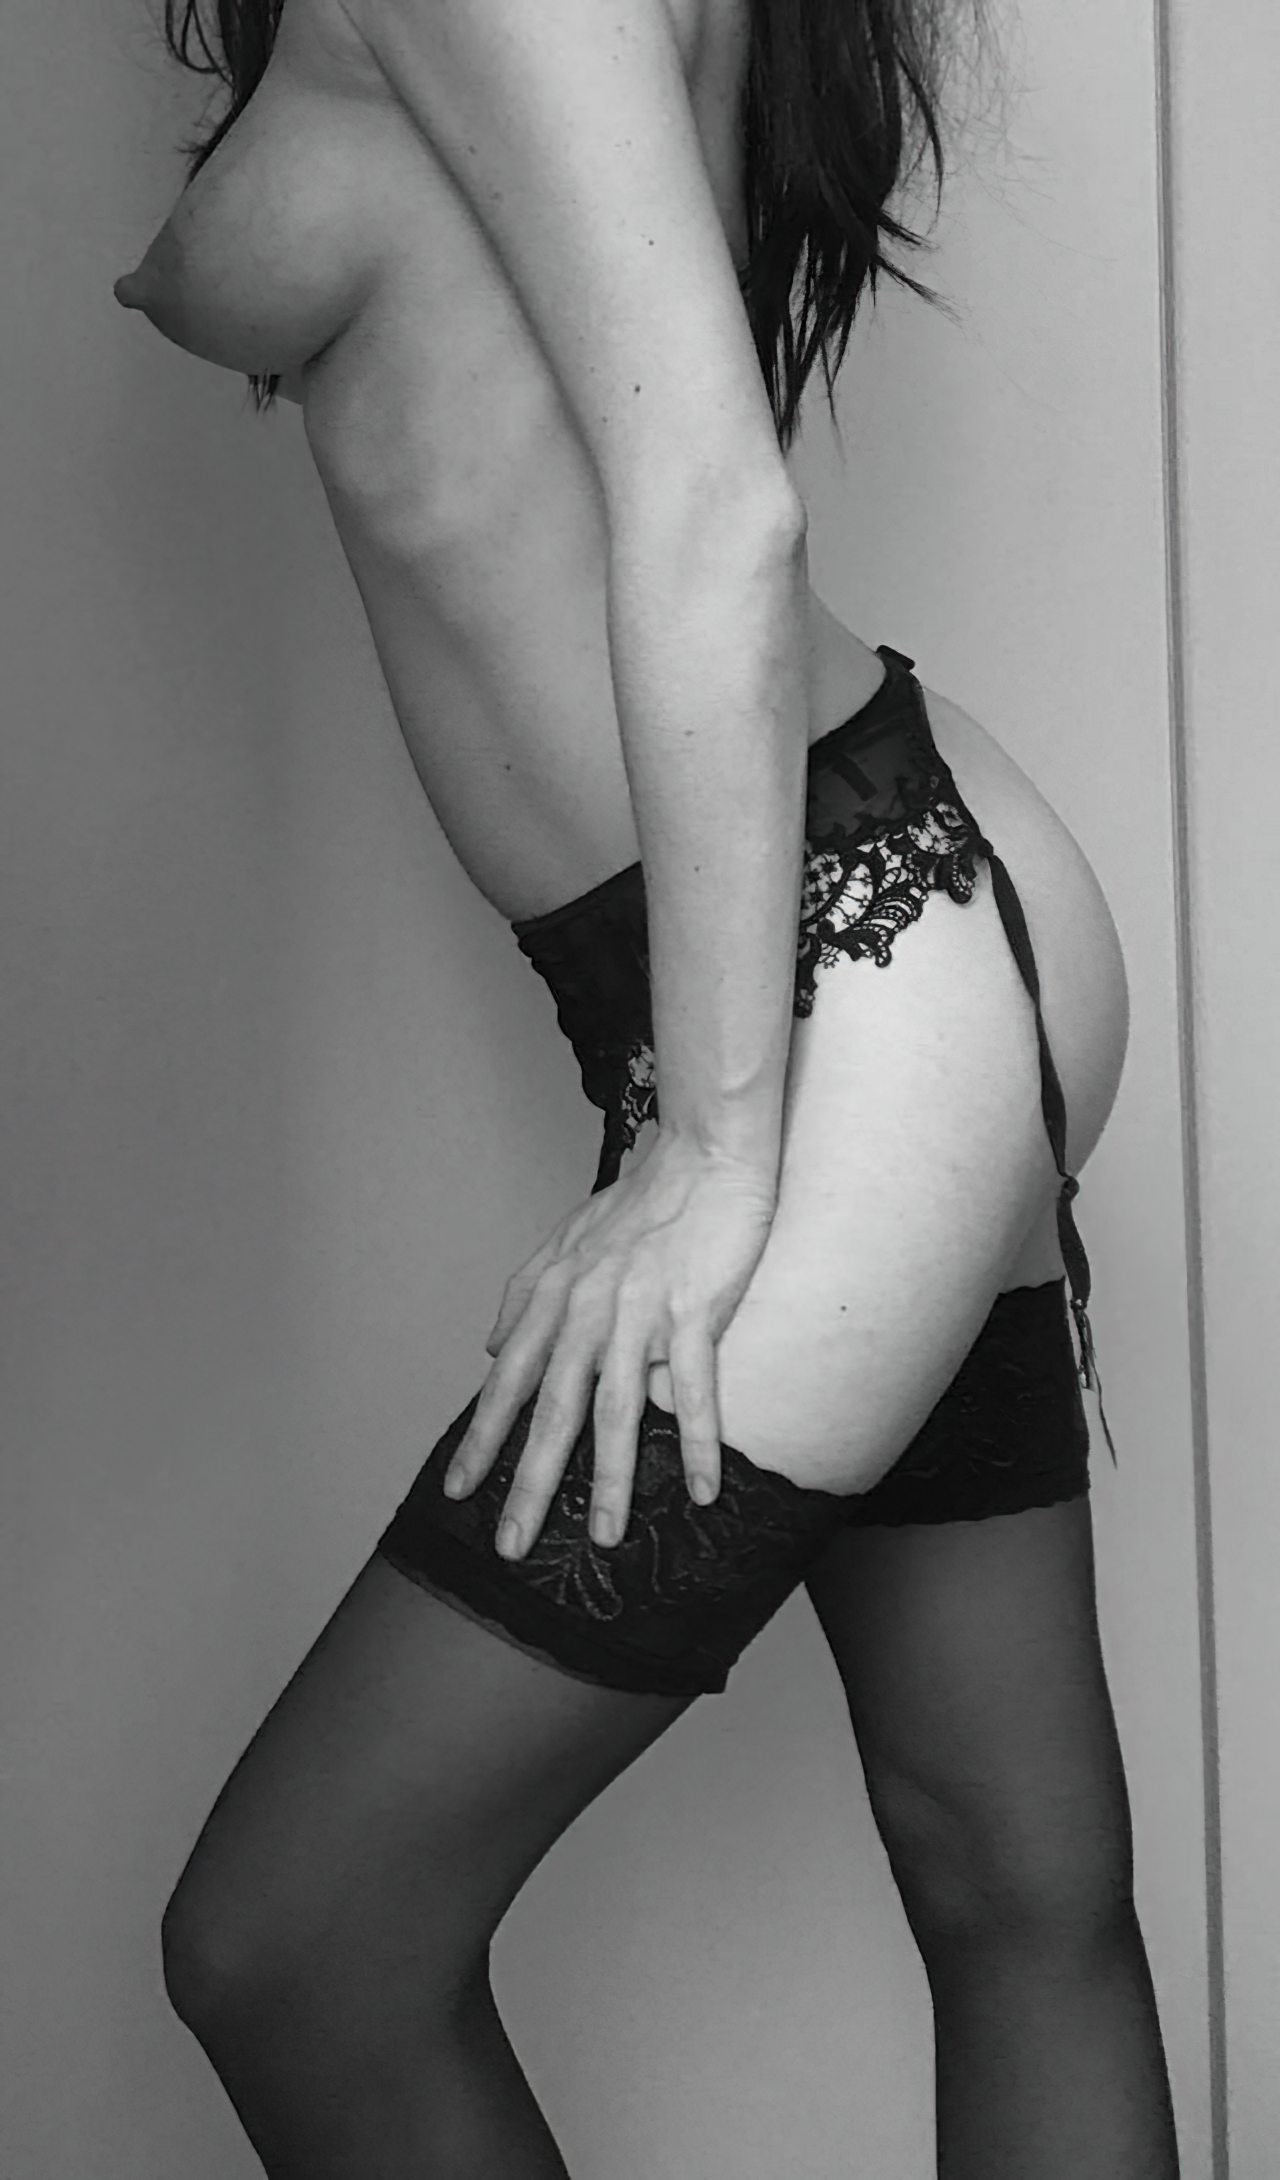 Exibicionista Sexy (8)